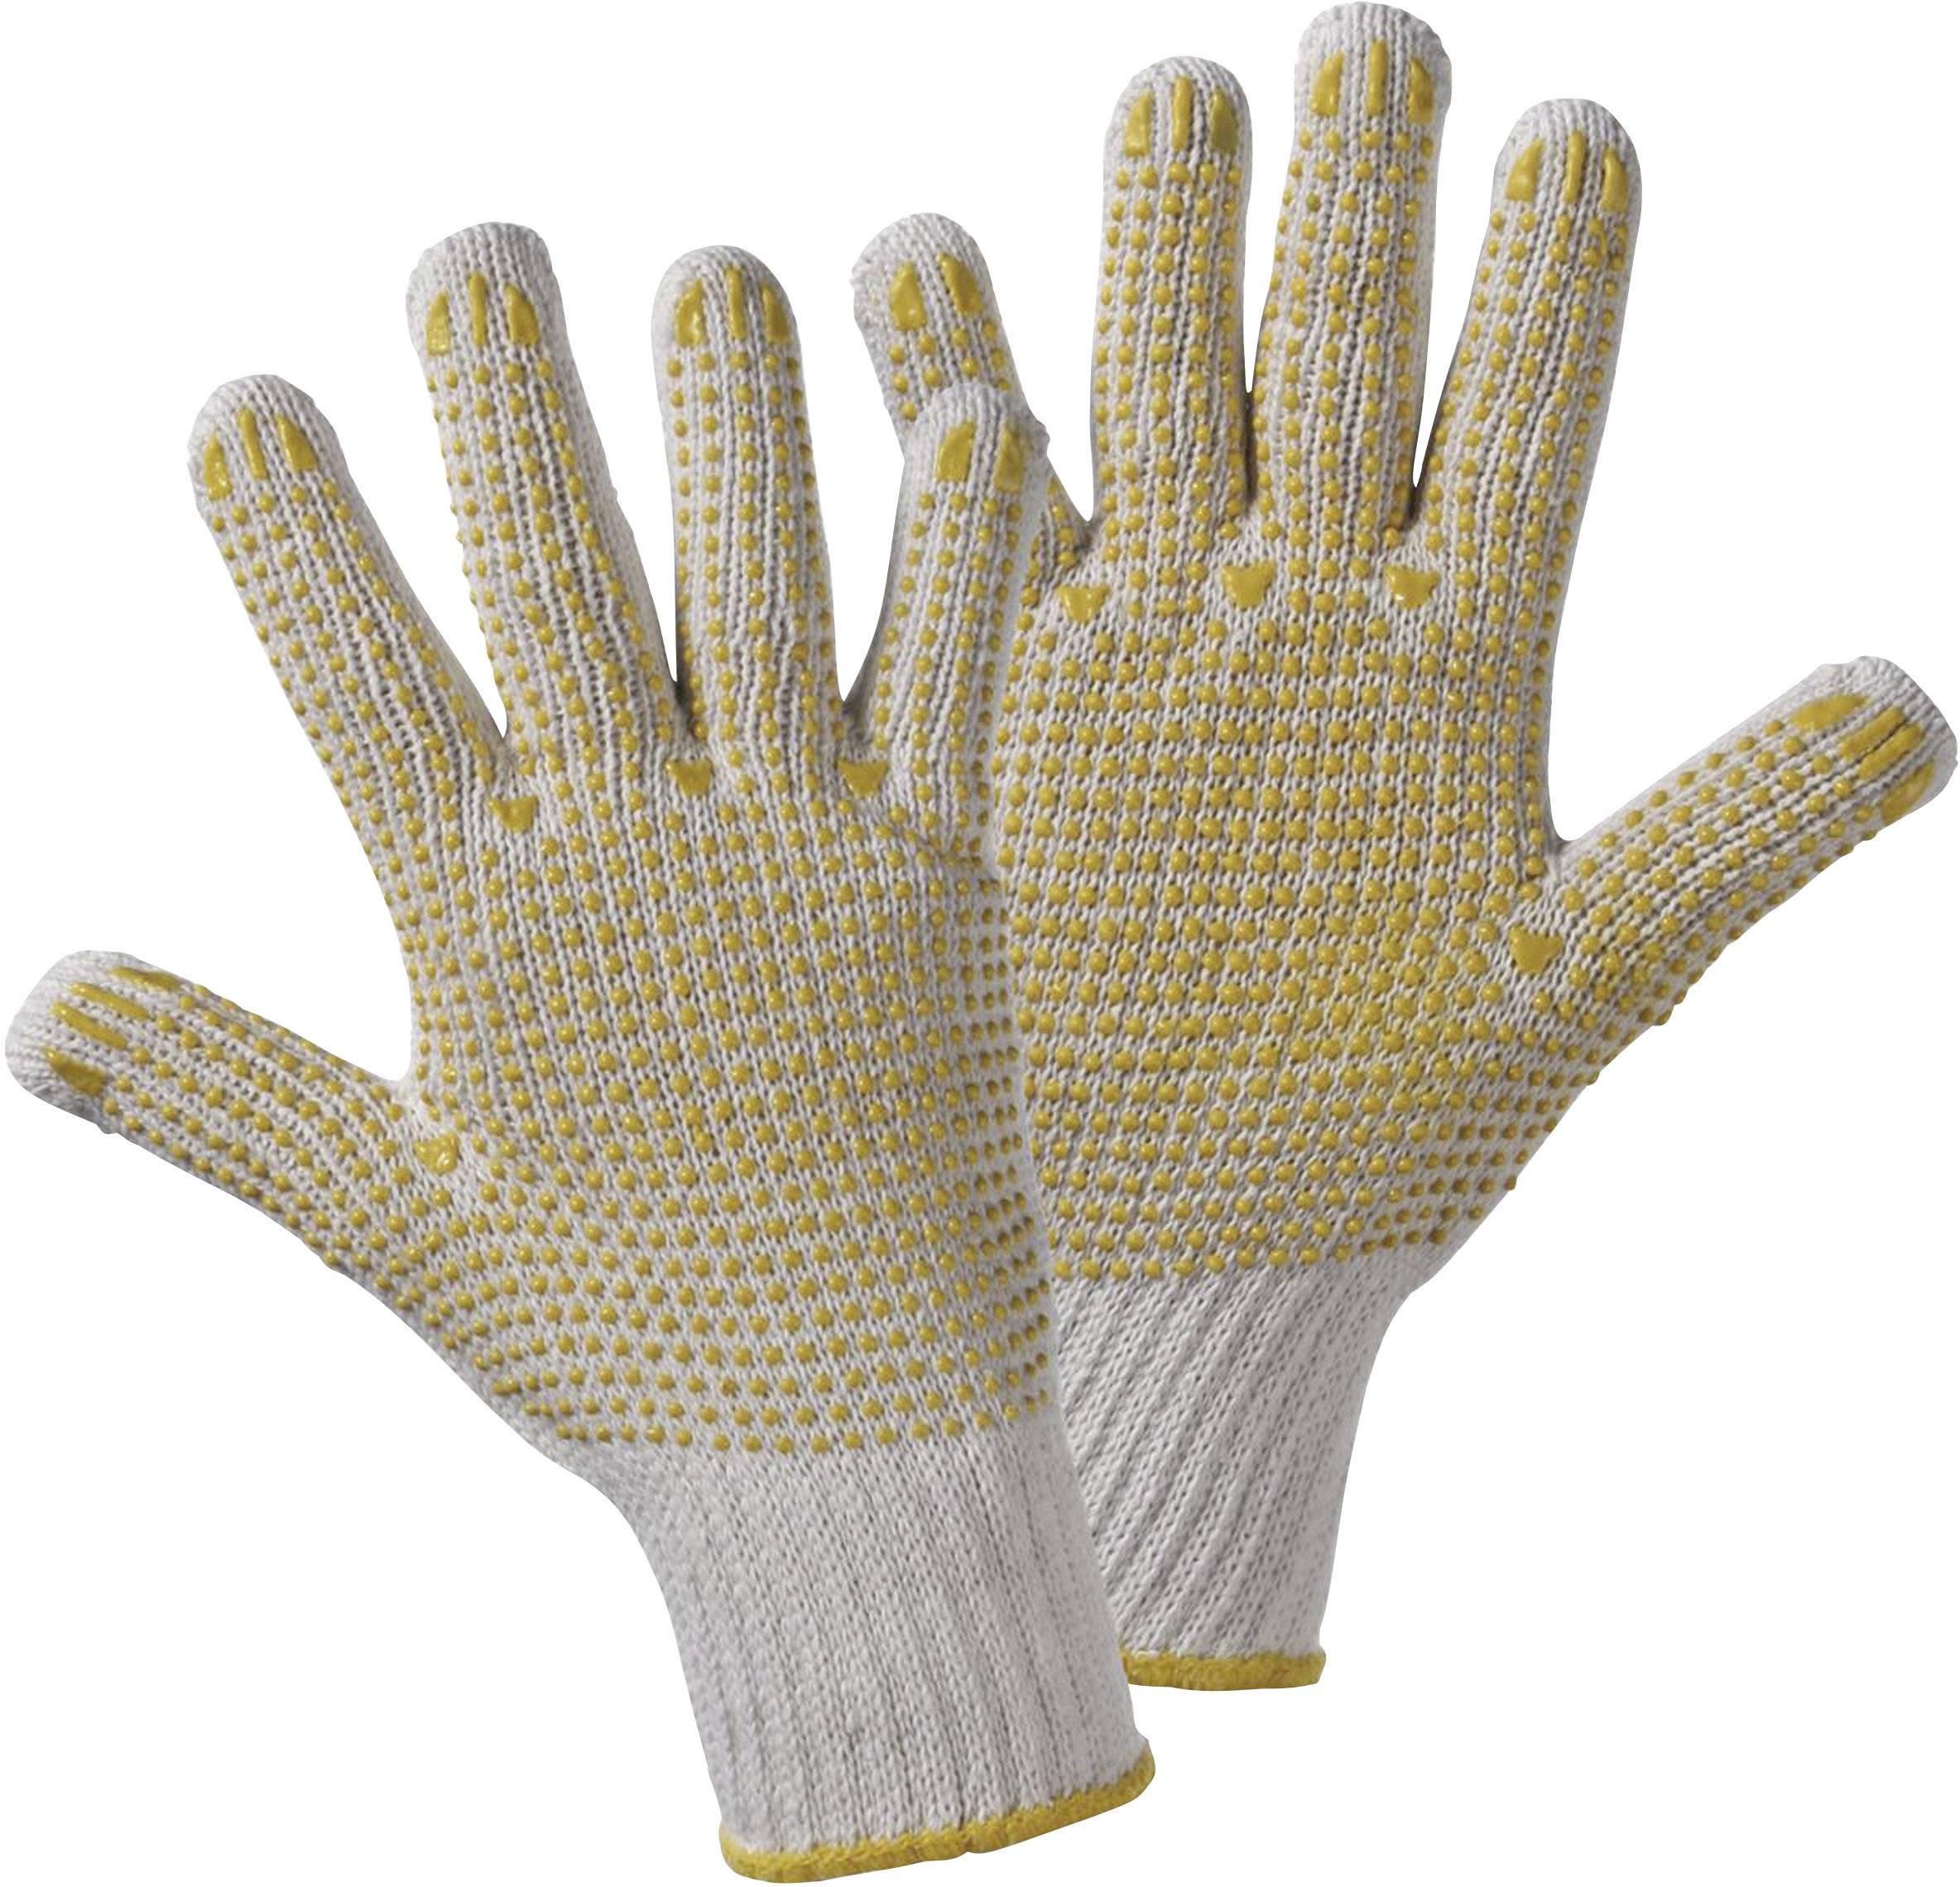 Pracovní rukavice L+D Upixx Twice 1132, velikost rukavic: 10, XL